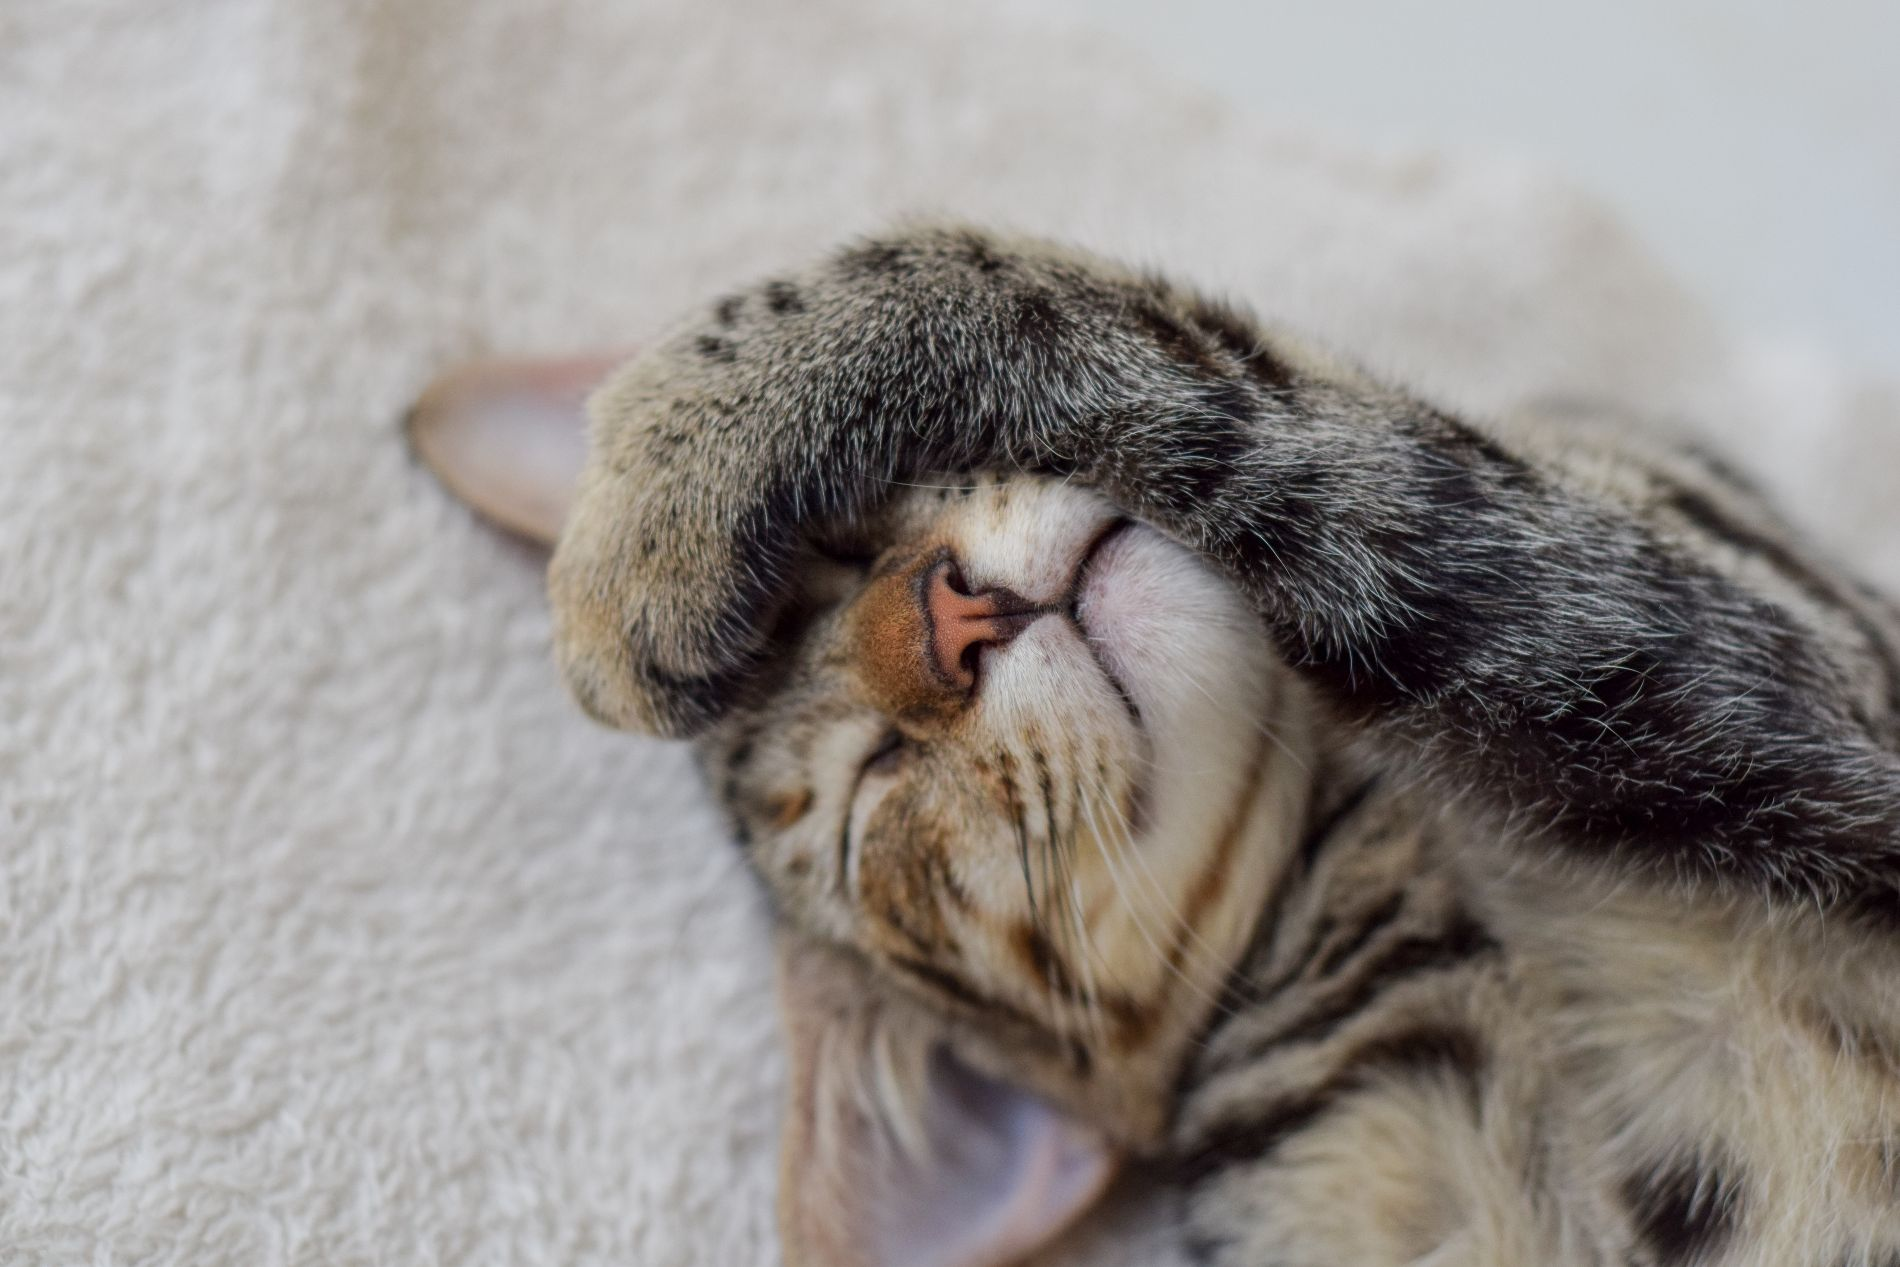 ВСеверной Осетии двое нетрезвых мужчин вызвали скорую котенку